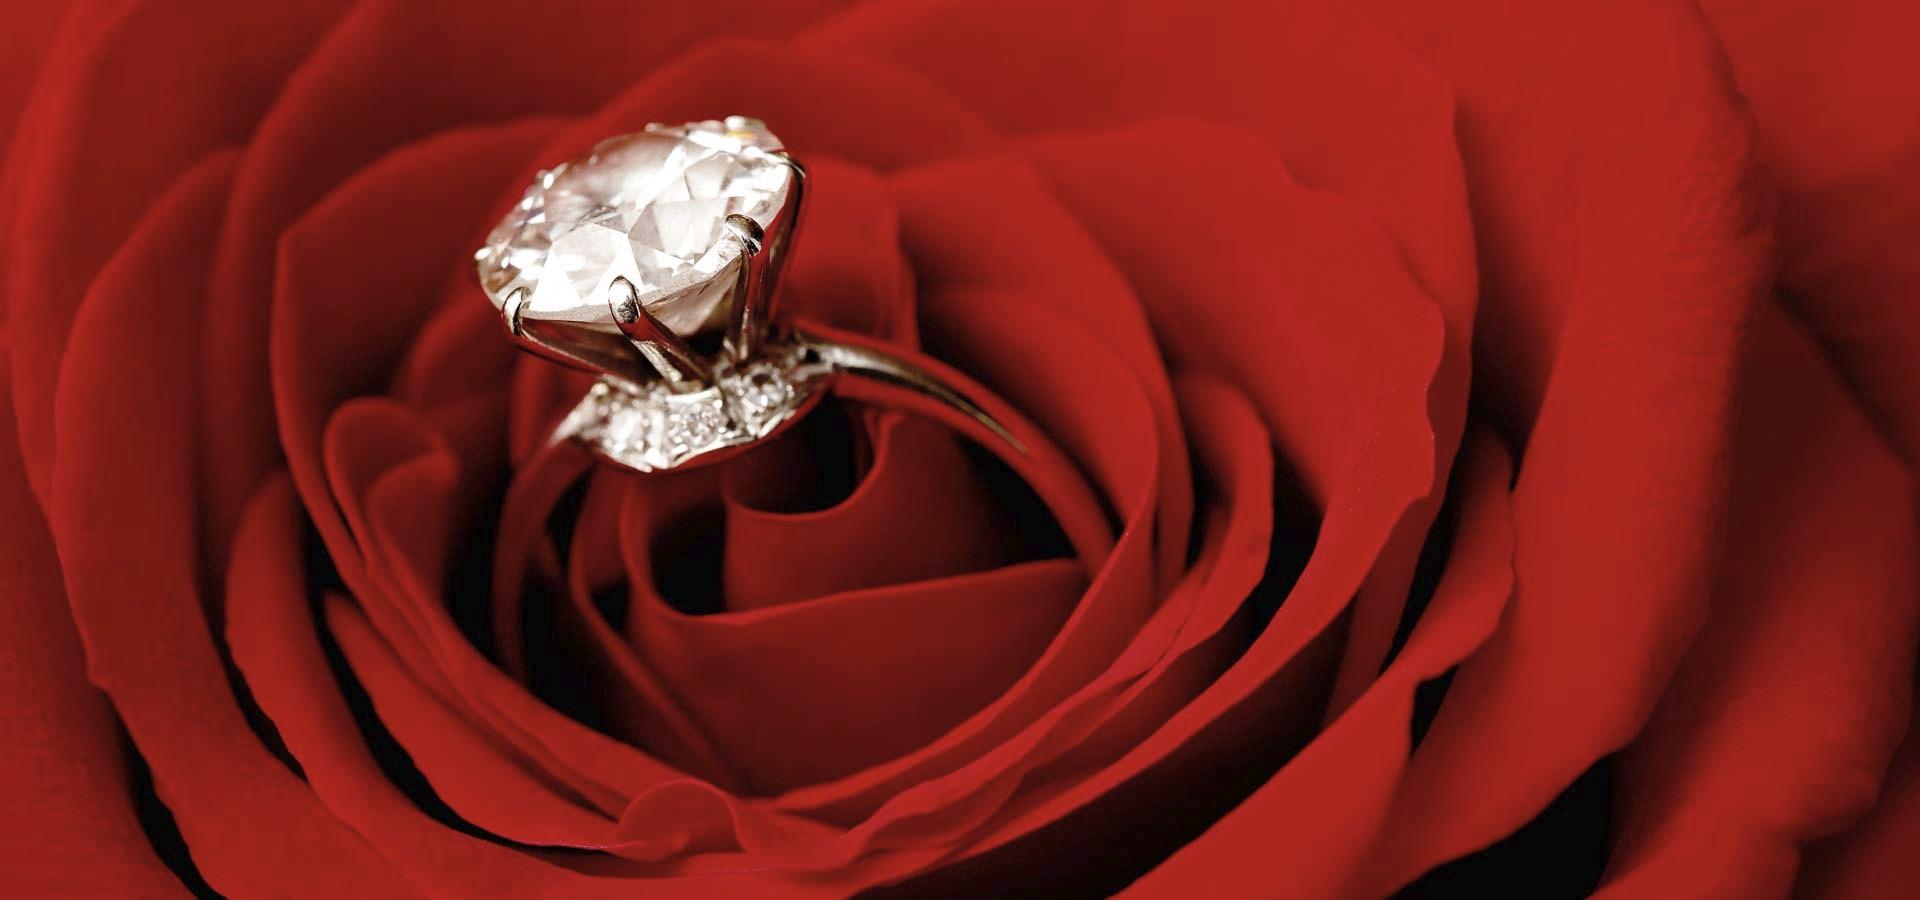 una foto artistica di un bellissimo anello di fidanzamento